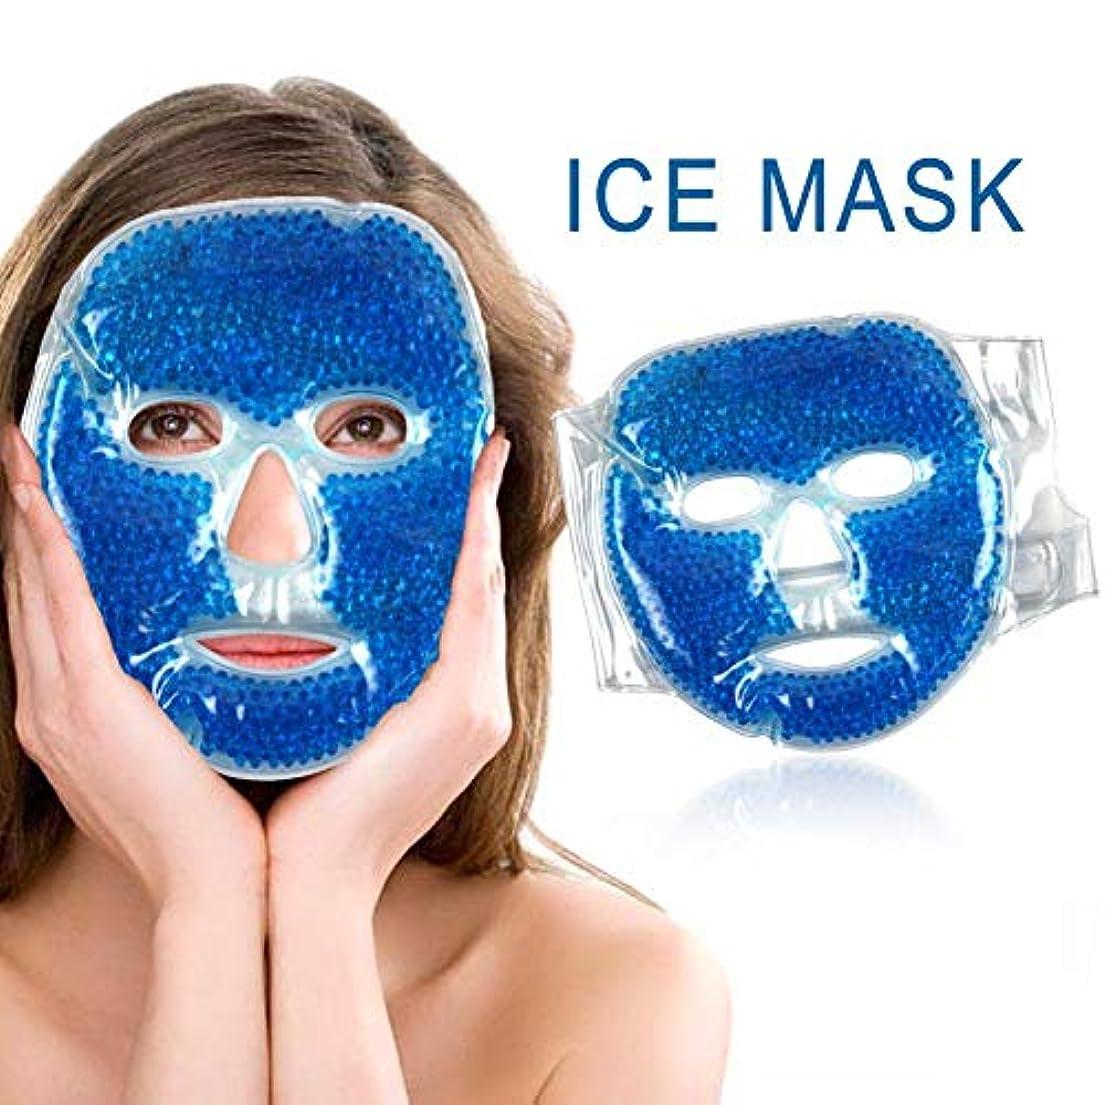 有害な同情書くSILUN フェイスマスク 冷温兼用 アイスマスク 美容用 再利用可能 毛細血管収縮 疲労緩和 肌ケア 保湿 吸収しやすい 美容マッサージ